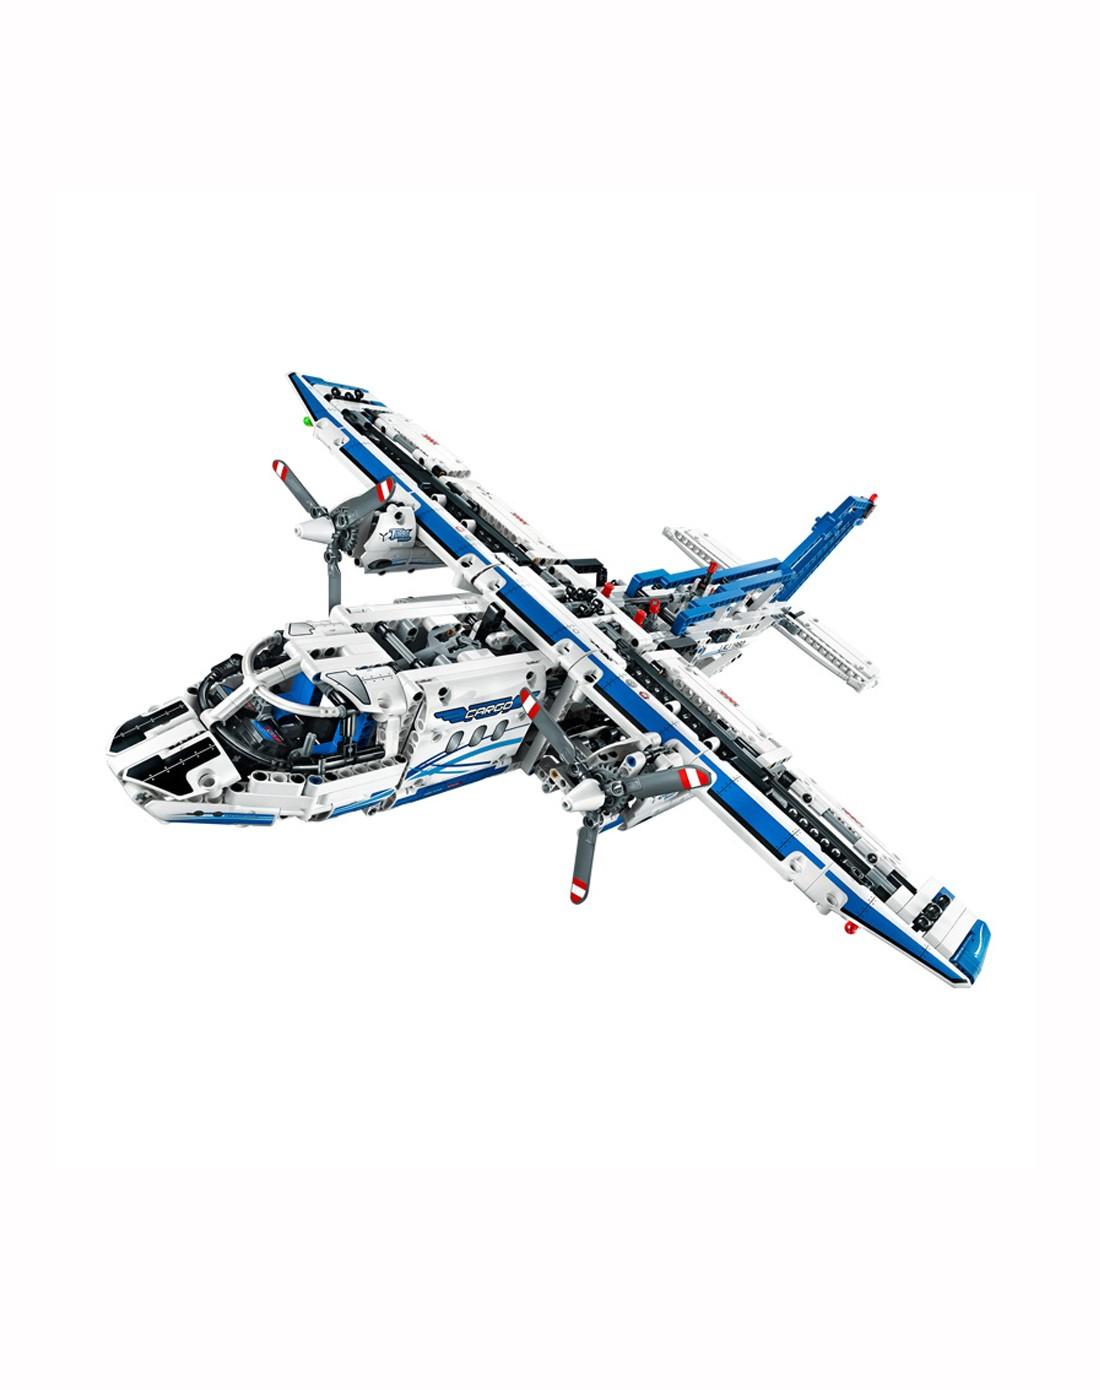 乐高lego国际顶级拼插益智玩具移动专场货运飞机_唯品